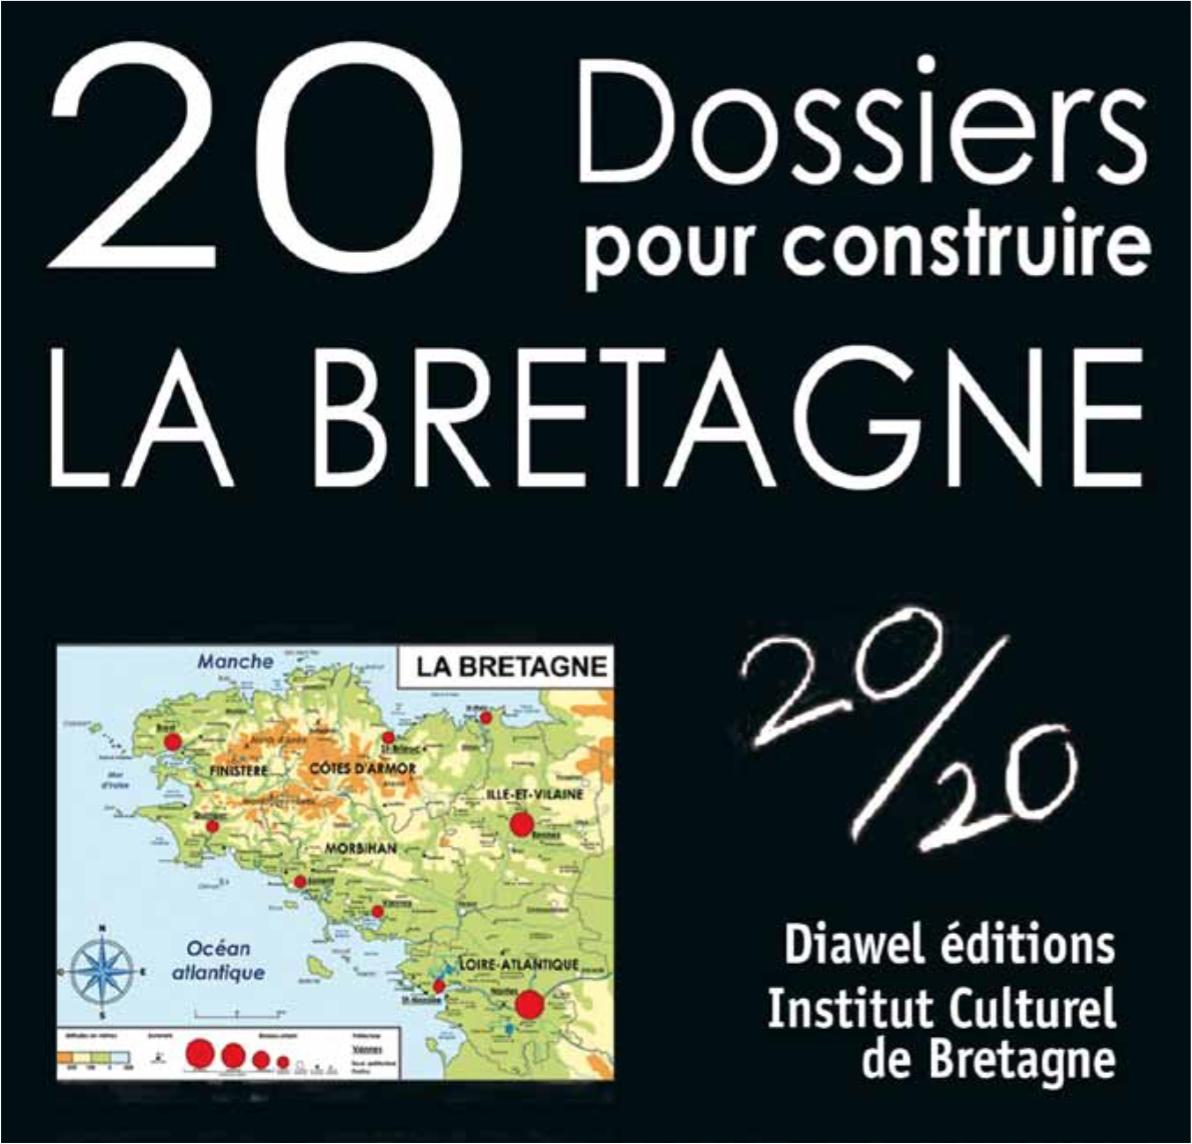 Dossier de presse : 20 dossiers pour Construire la Bretagne